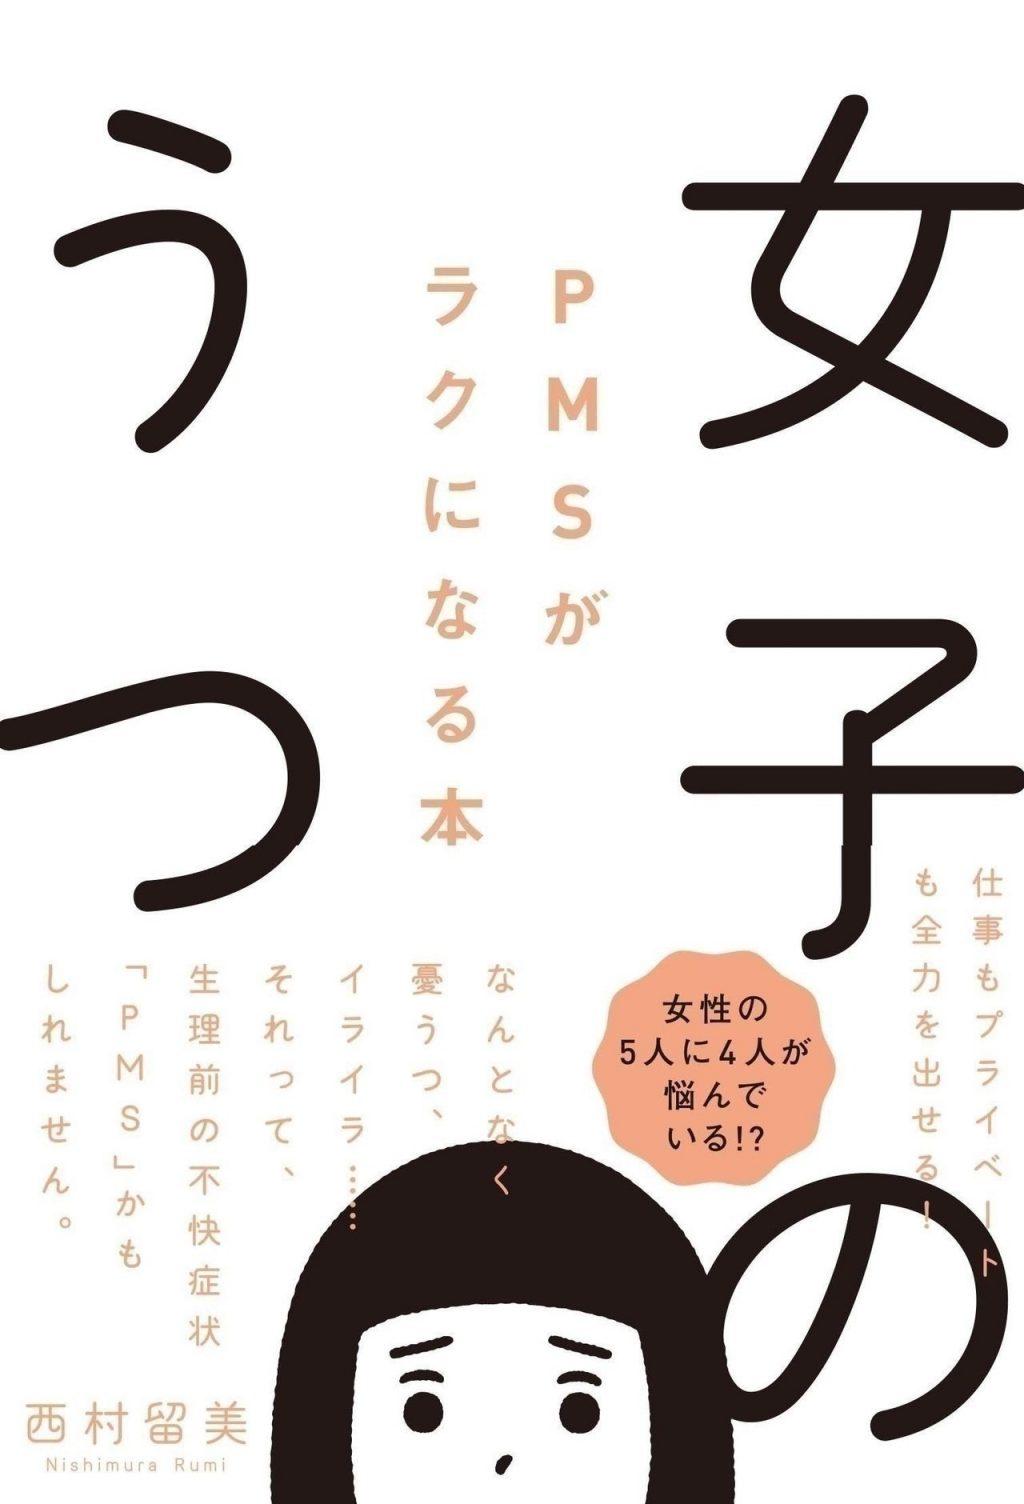 『女子のうつ』西村留美著¥1,200(税込) 飛鳥新社